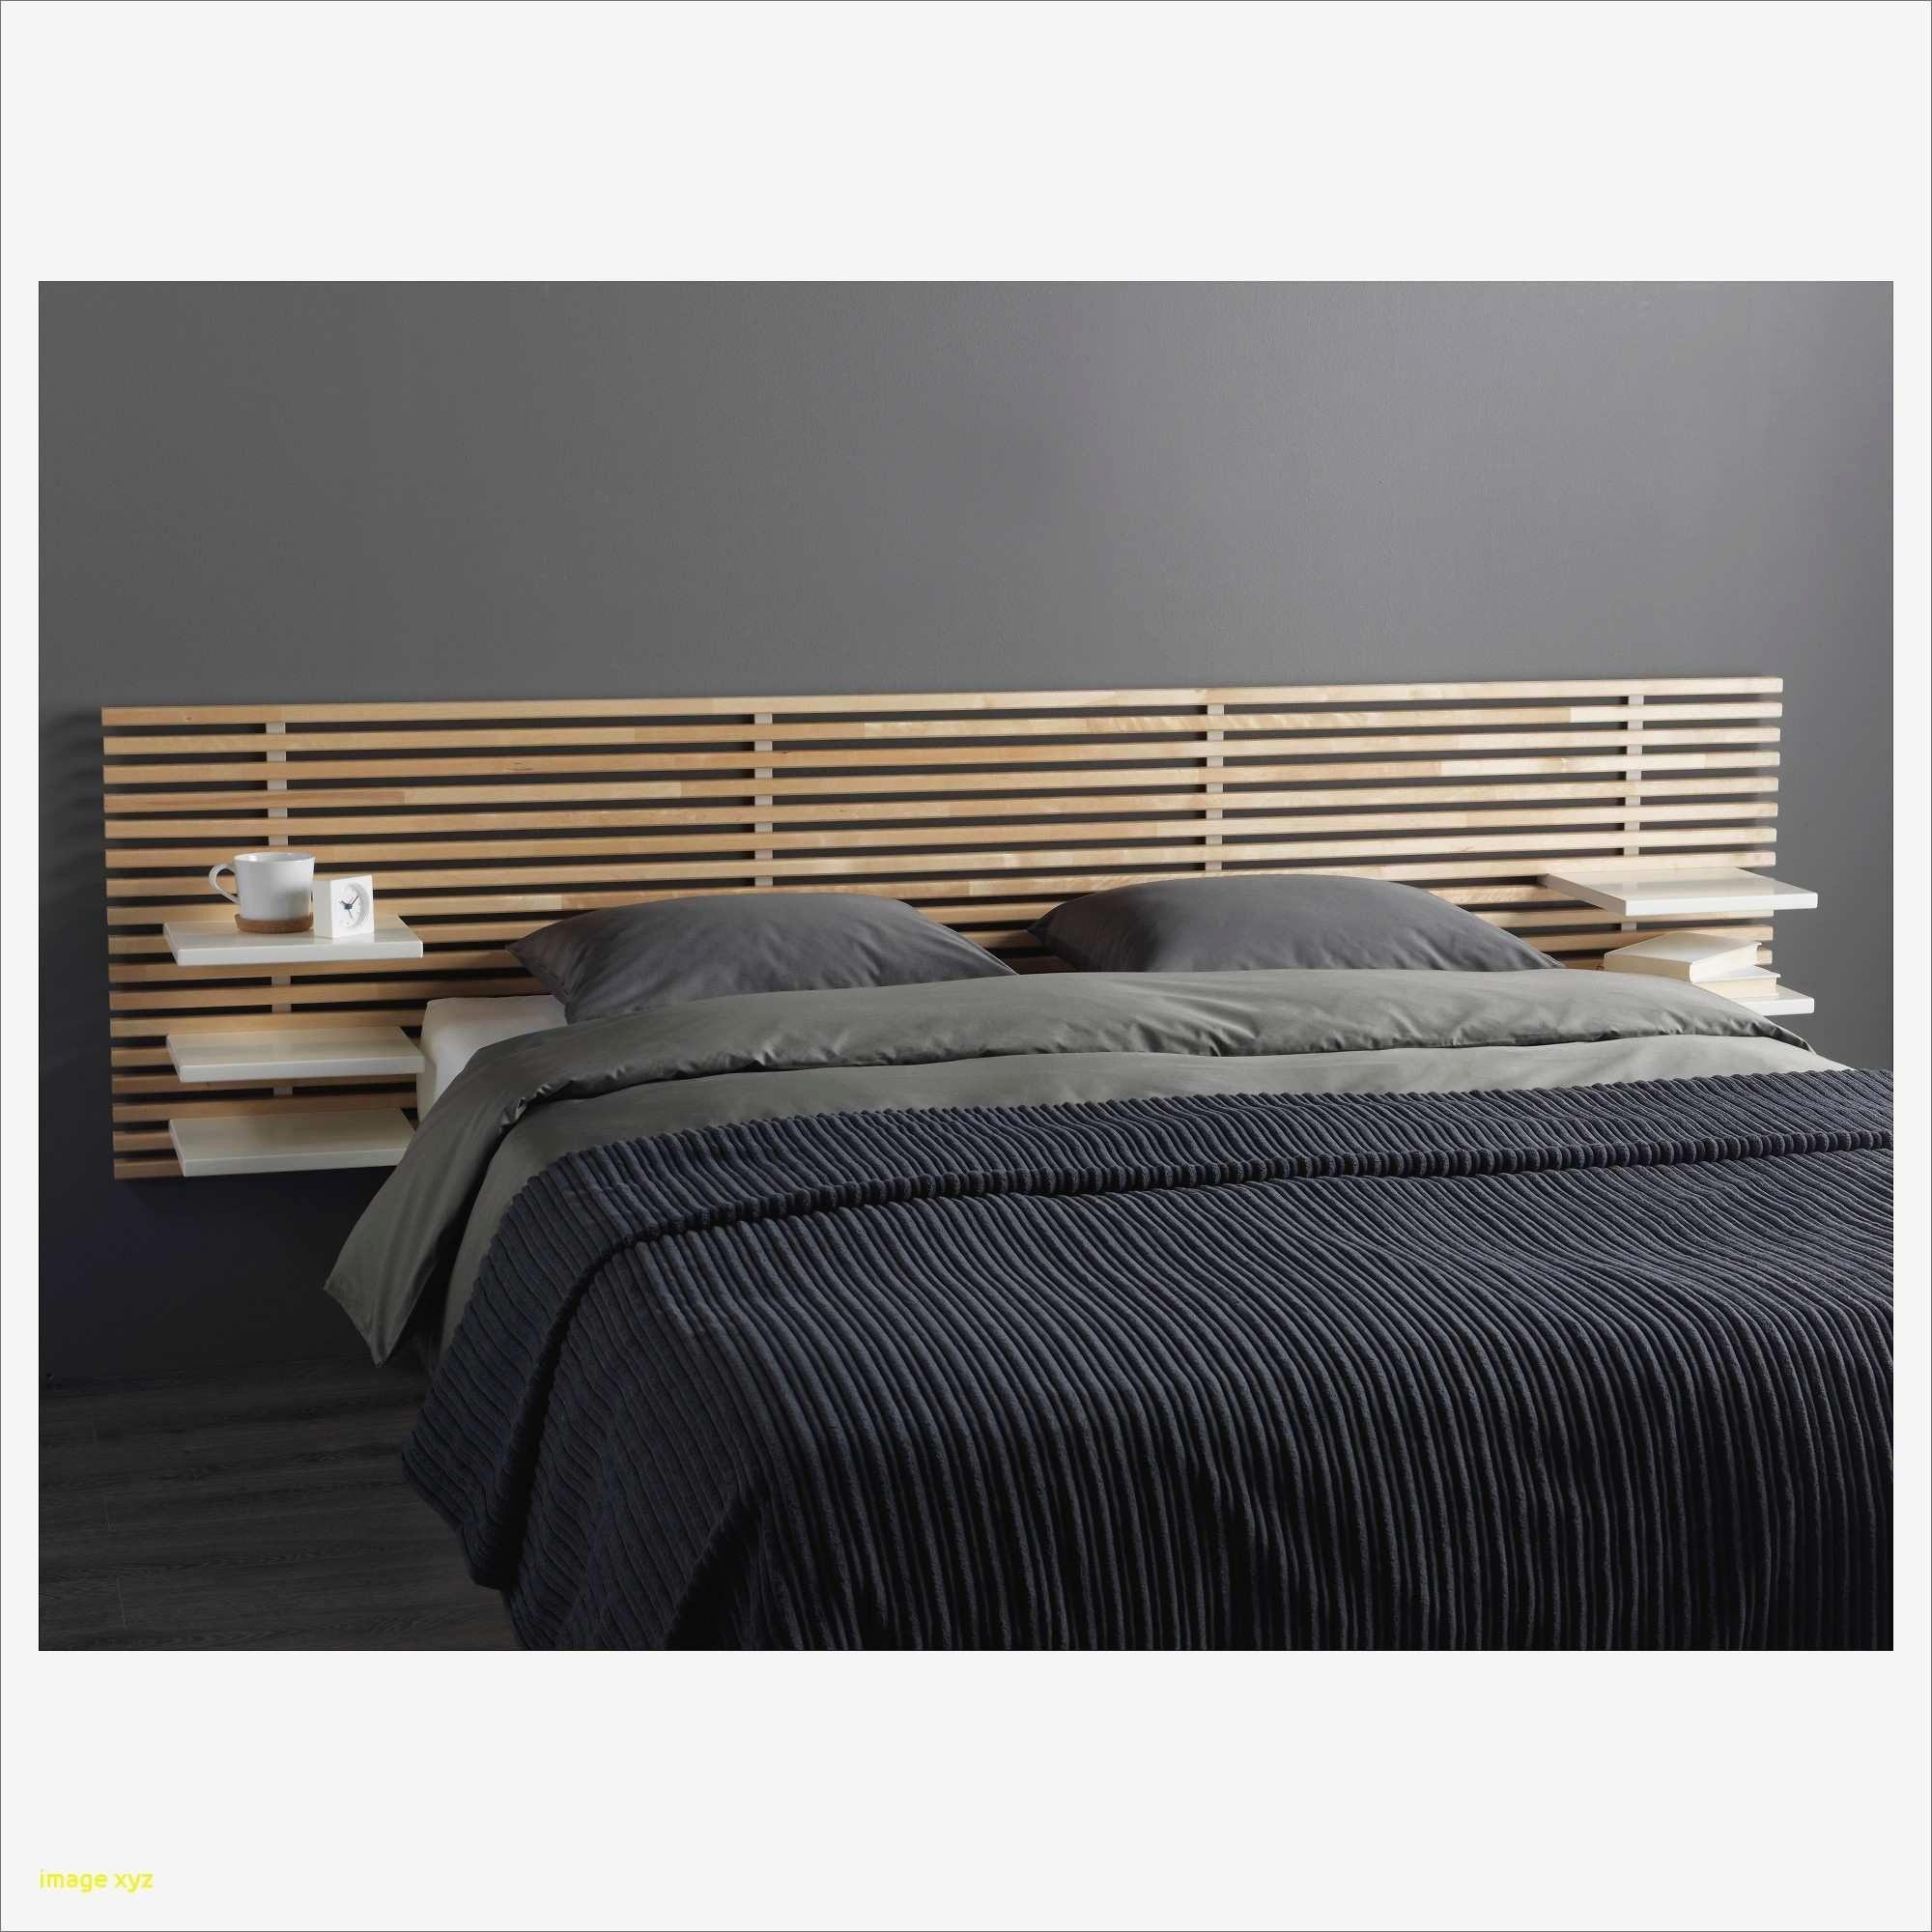 Paravent Tete De Lit Frais Tete De Lit Paravent Frais Chambre Japonaise Ikea Best Paravent